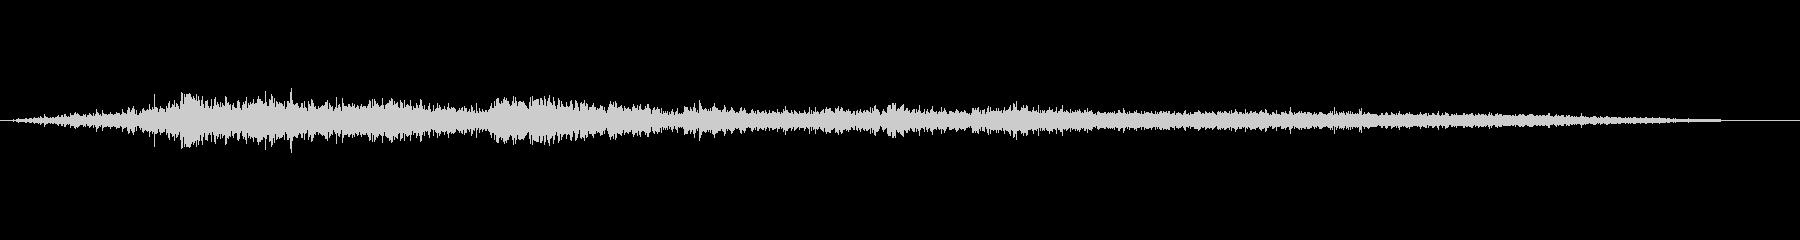 イメージ スクリーミングウォーター01の未再生の波形